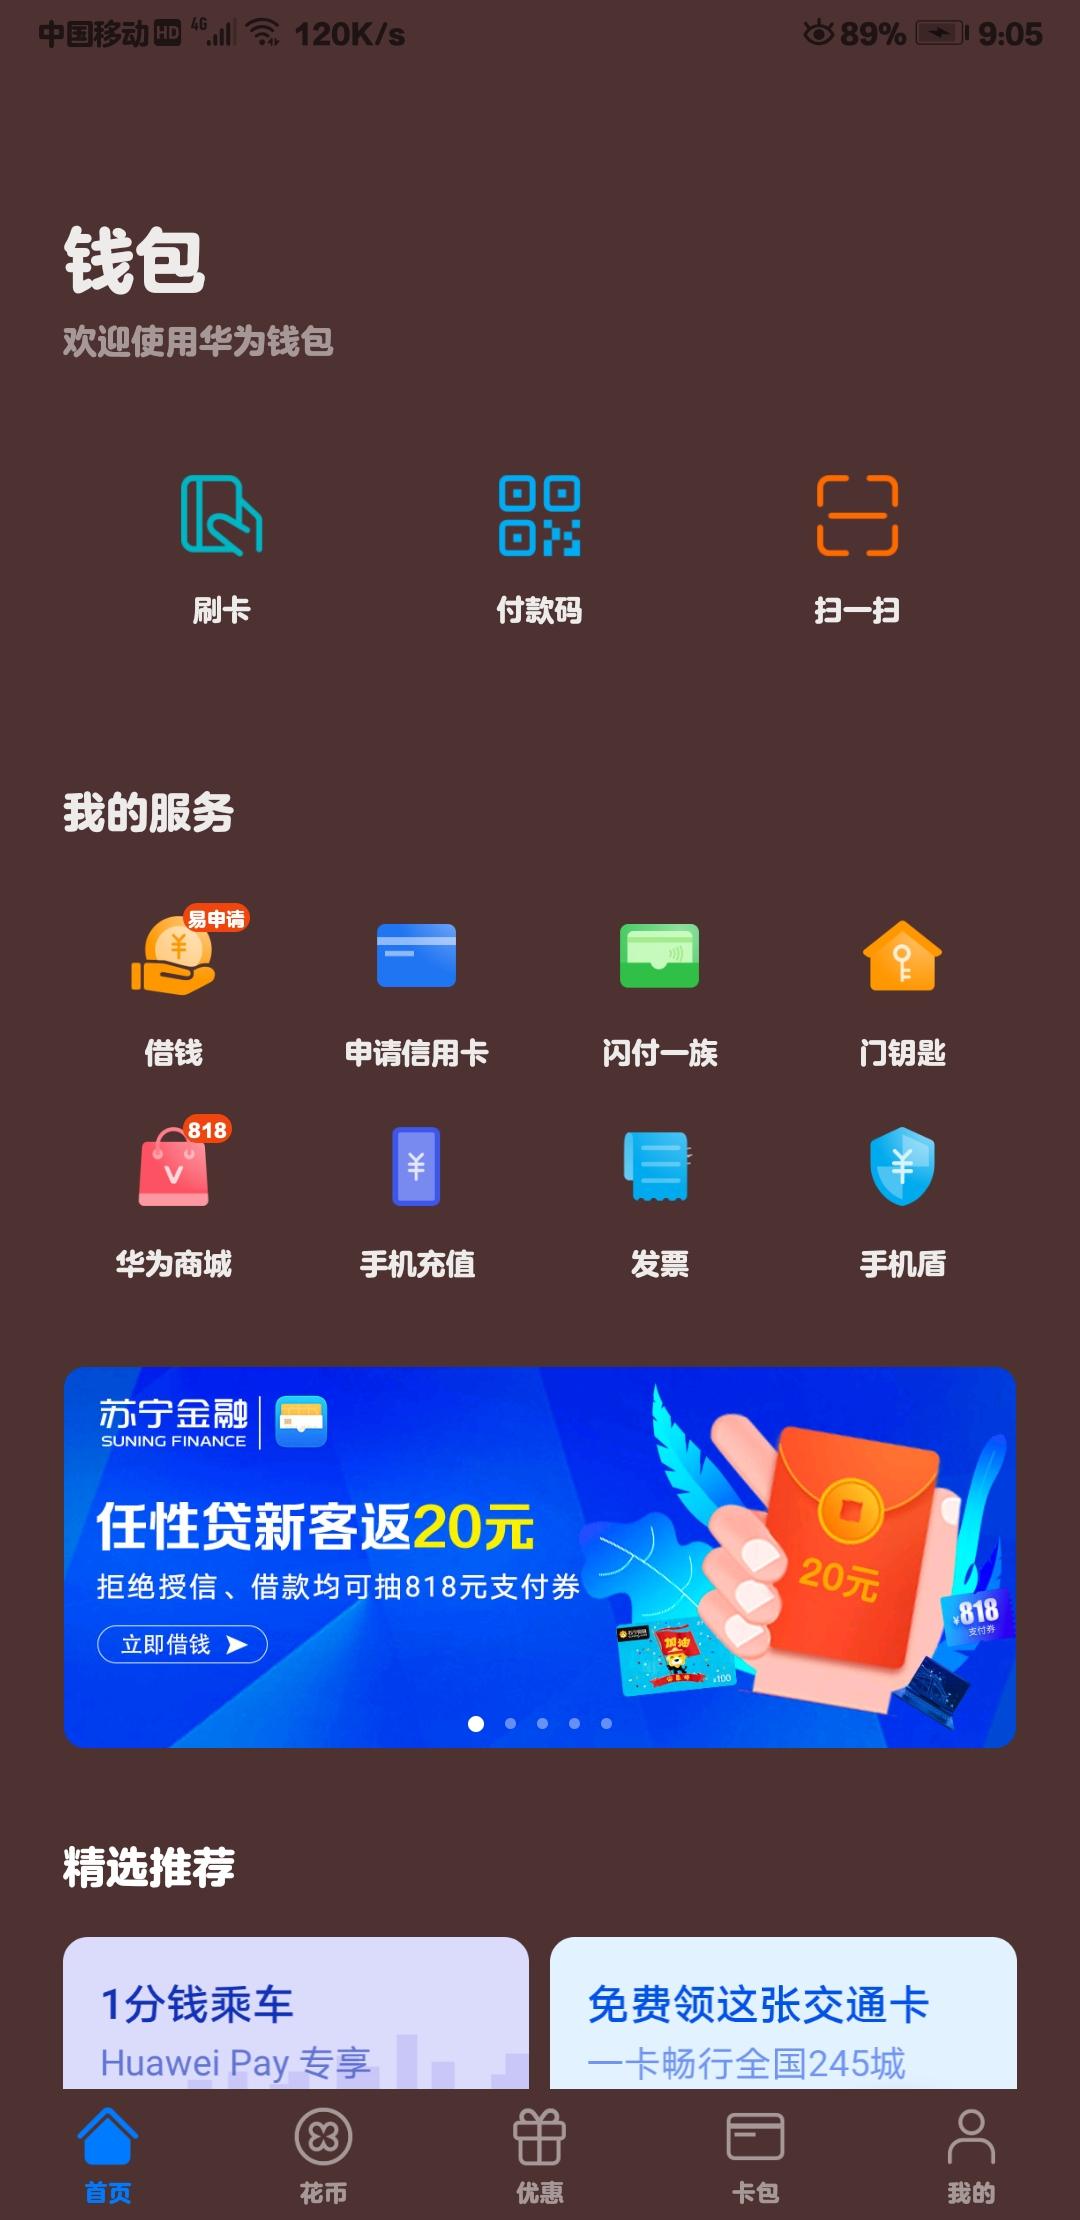 Screenshot_20190817_210557_com.huawei.wallet.jpg